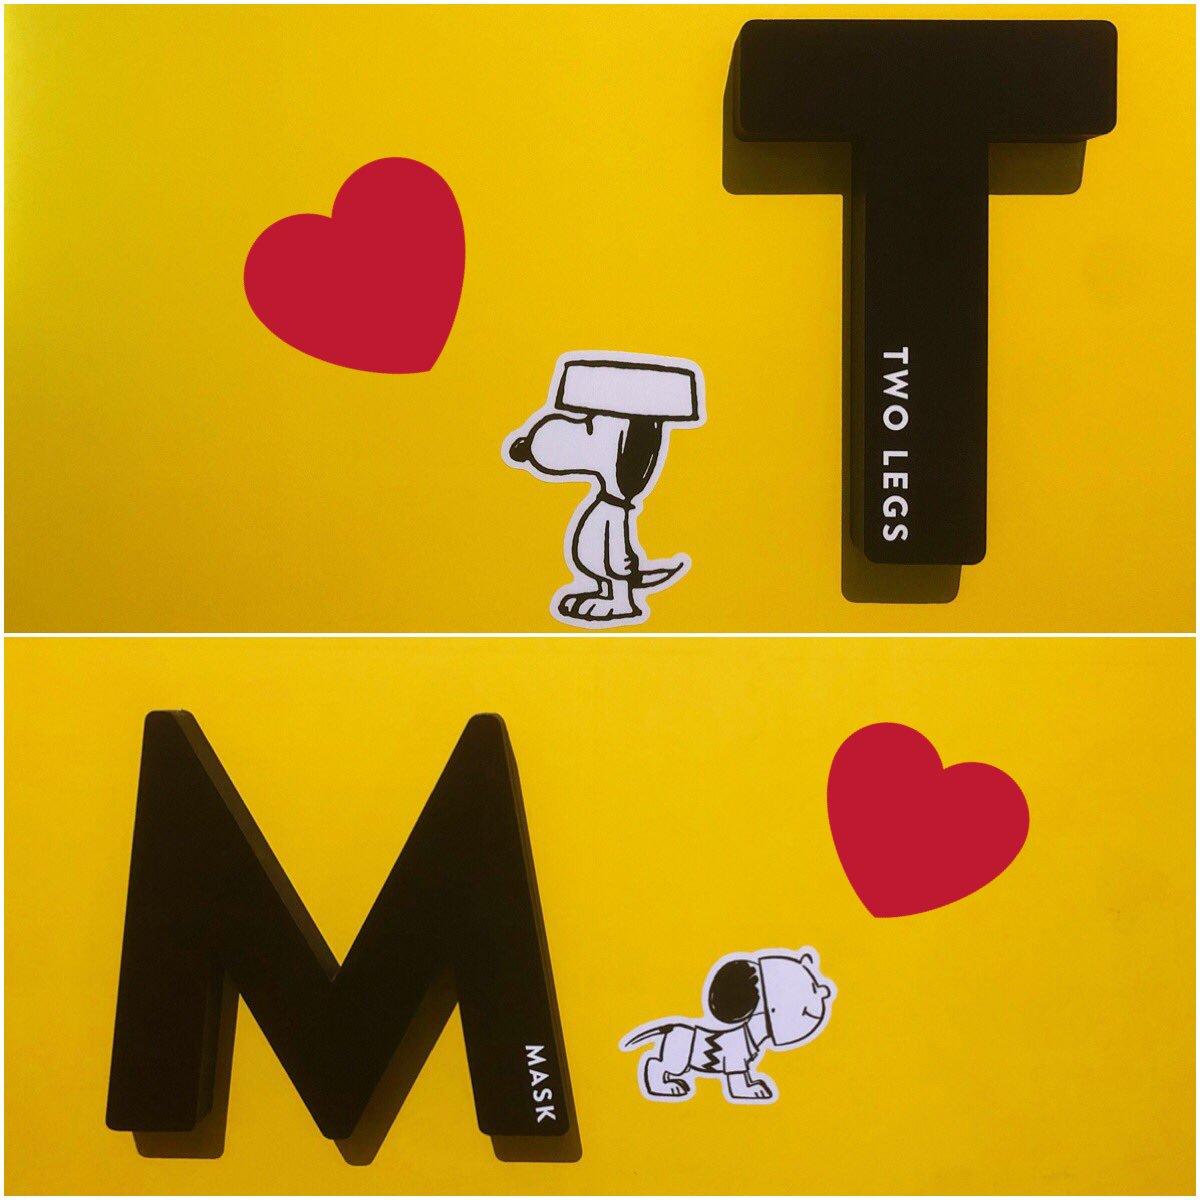 test ツイッターメディア - スヌーピーミュージアム展 可愛かった〜🥰 TMの背景が黄色🥺💛← EPCOTIAなスヌーピー🥺← 愛おしい🥺💛💛💛💛← https://t.co/fHoYeWjeiO